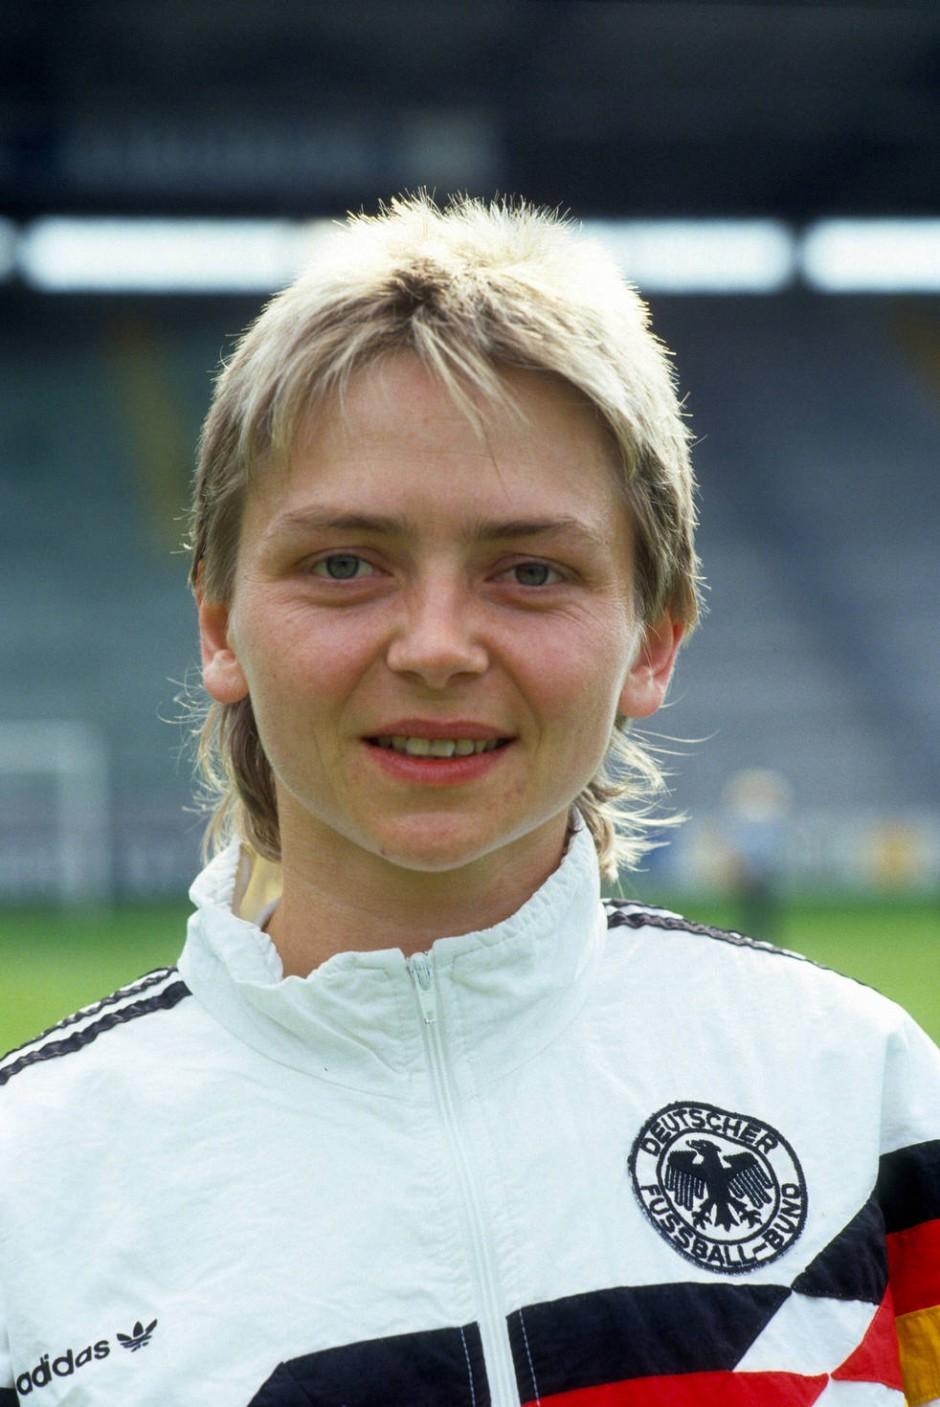 Unbekannte Pionierin: Petra Landers 1991 vor einem Länderspiel